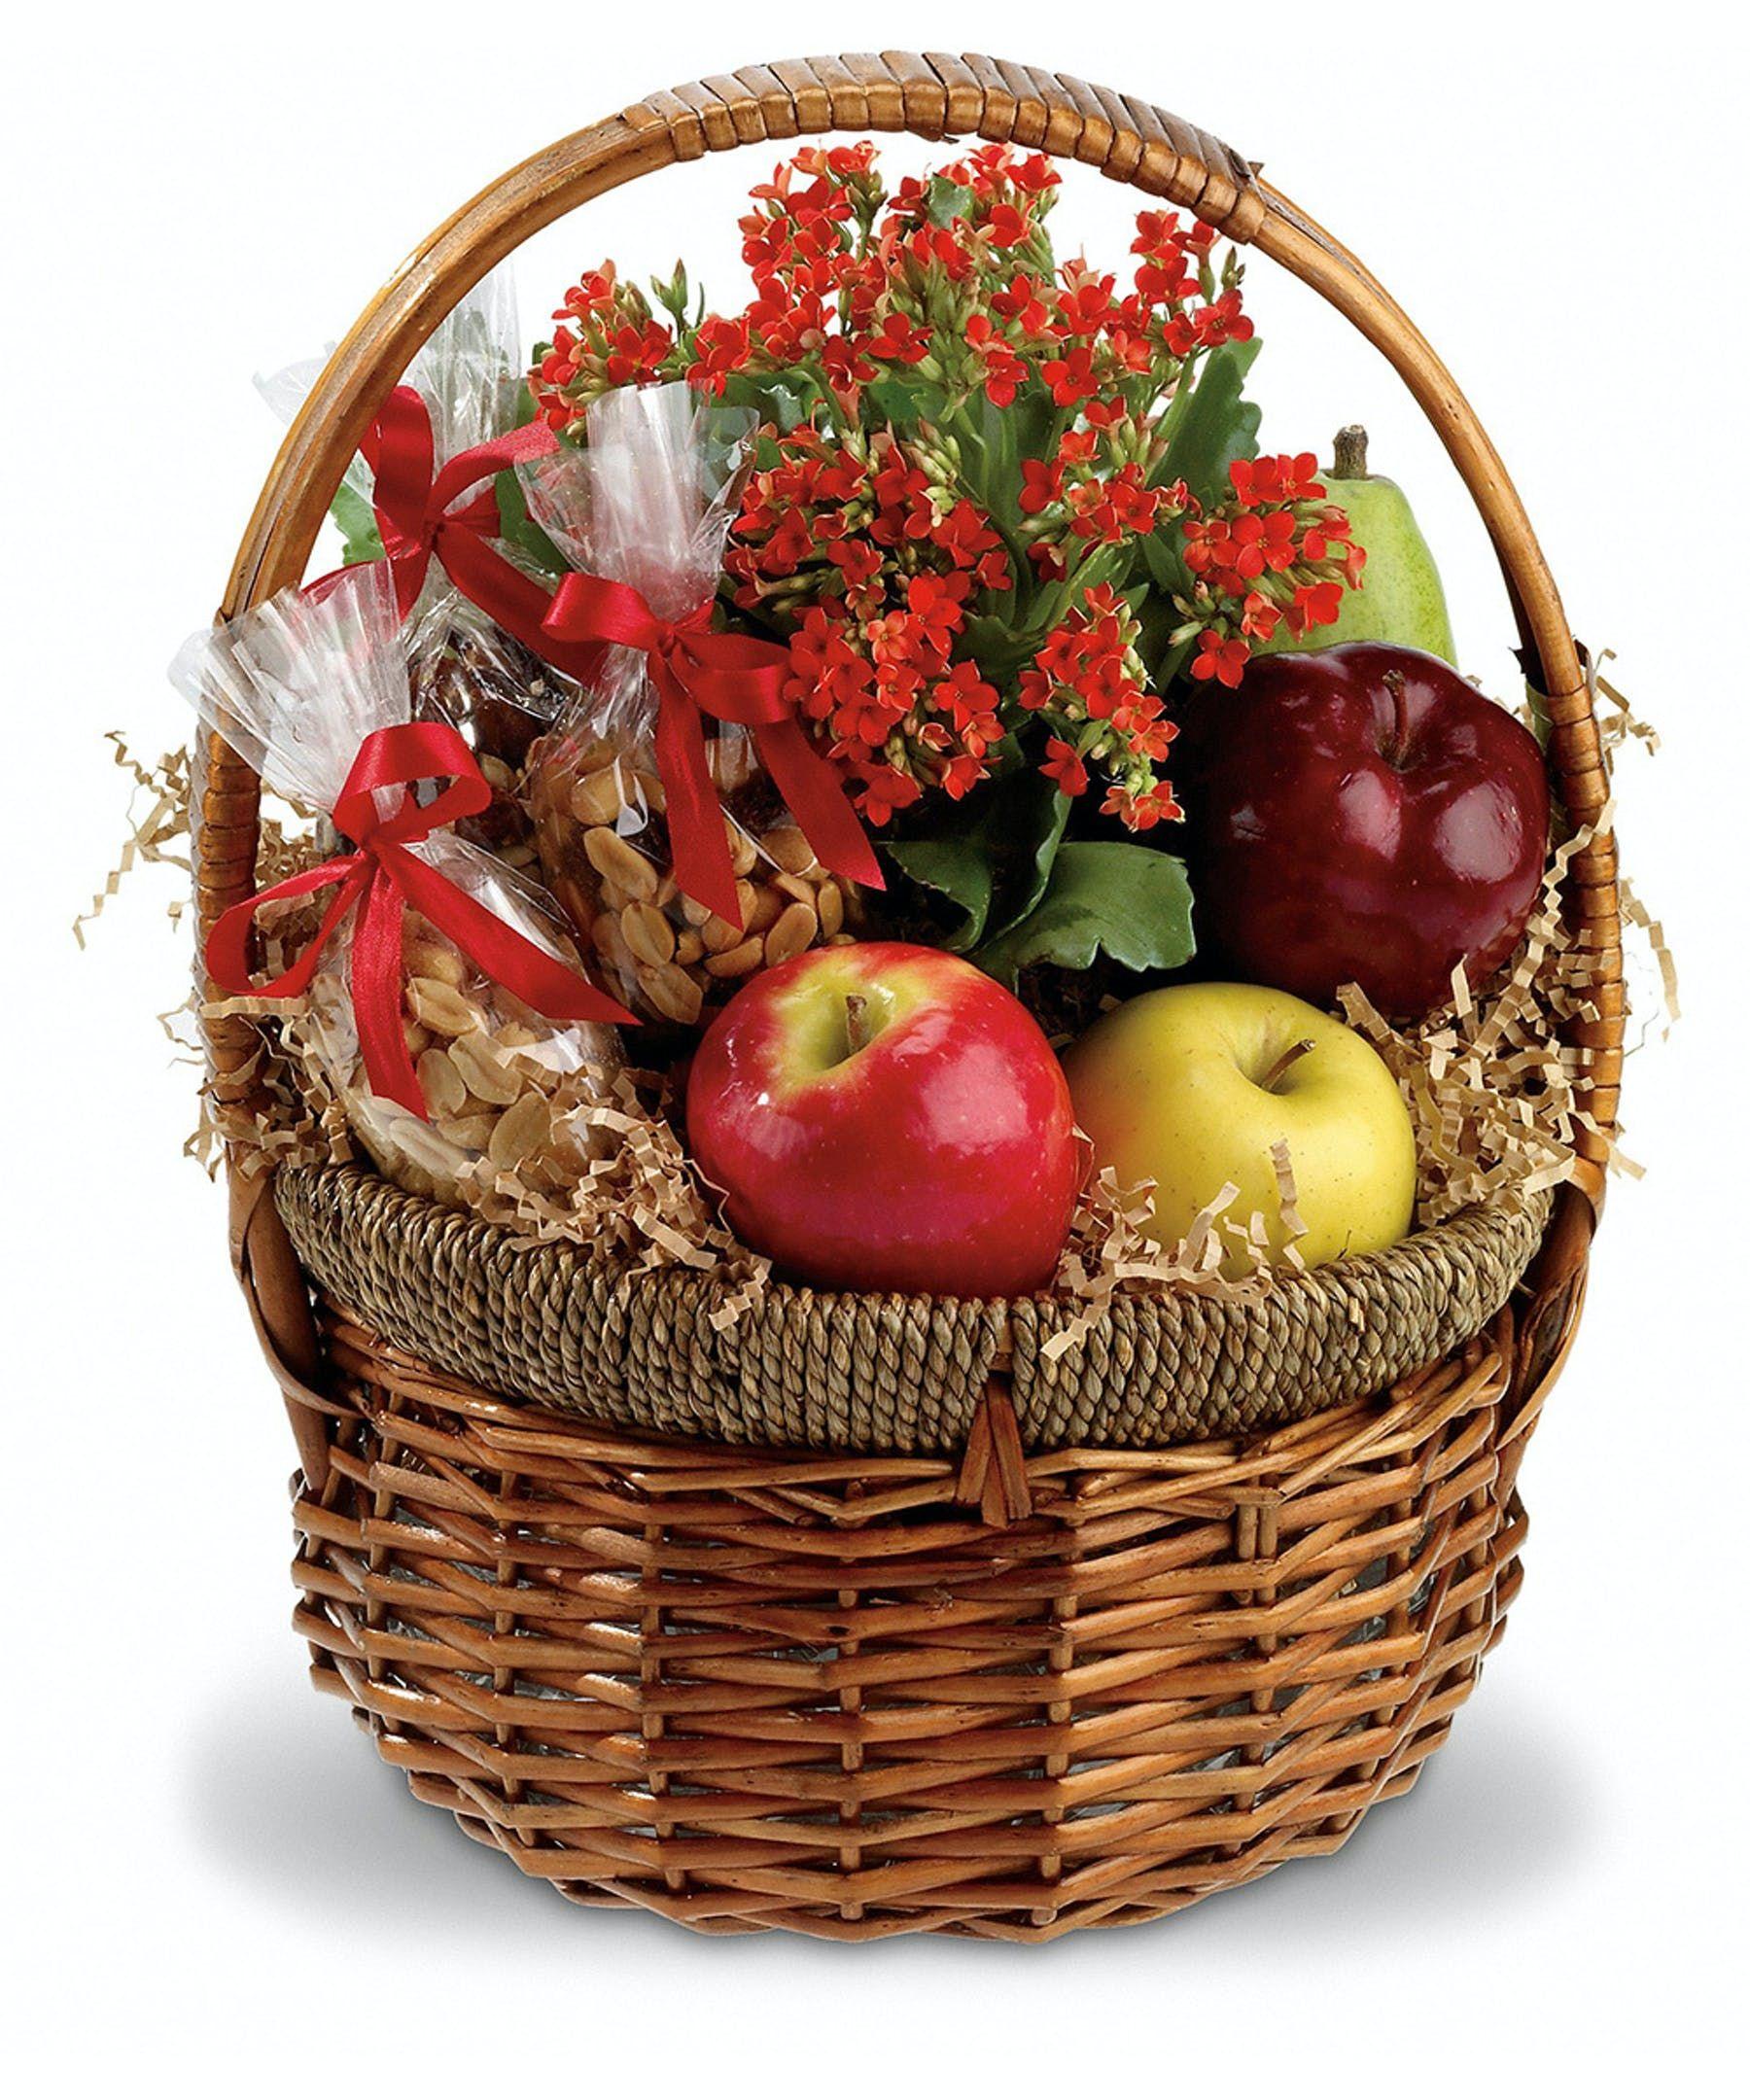 Health Nut Basket In 2020 Nut Gift Basket Fruit Basket Gift Basket